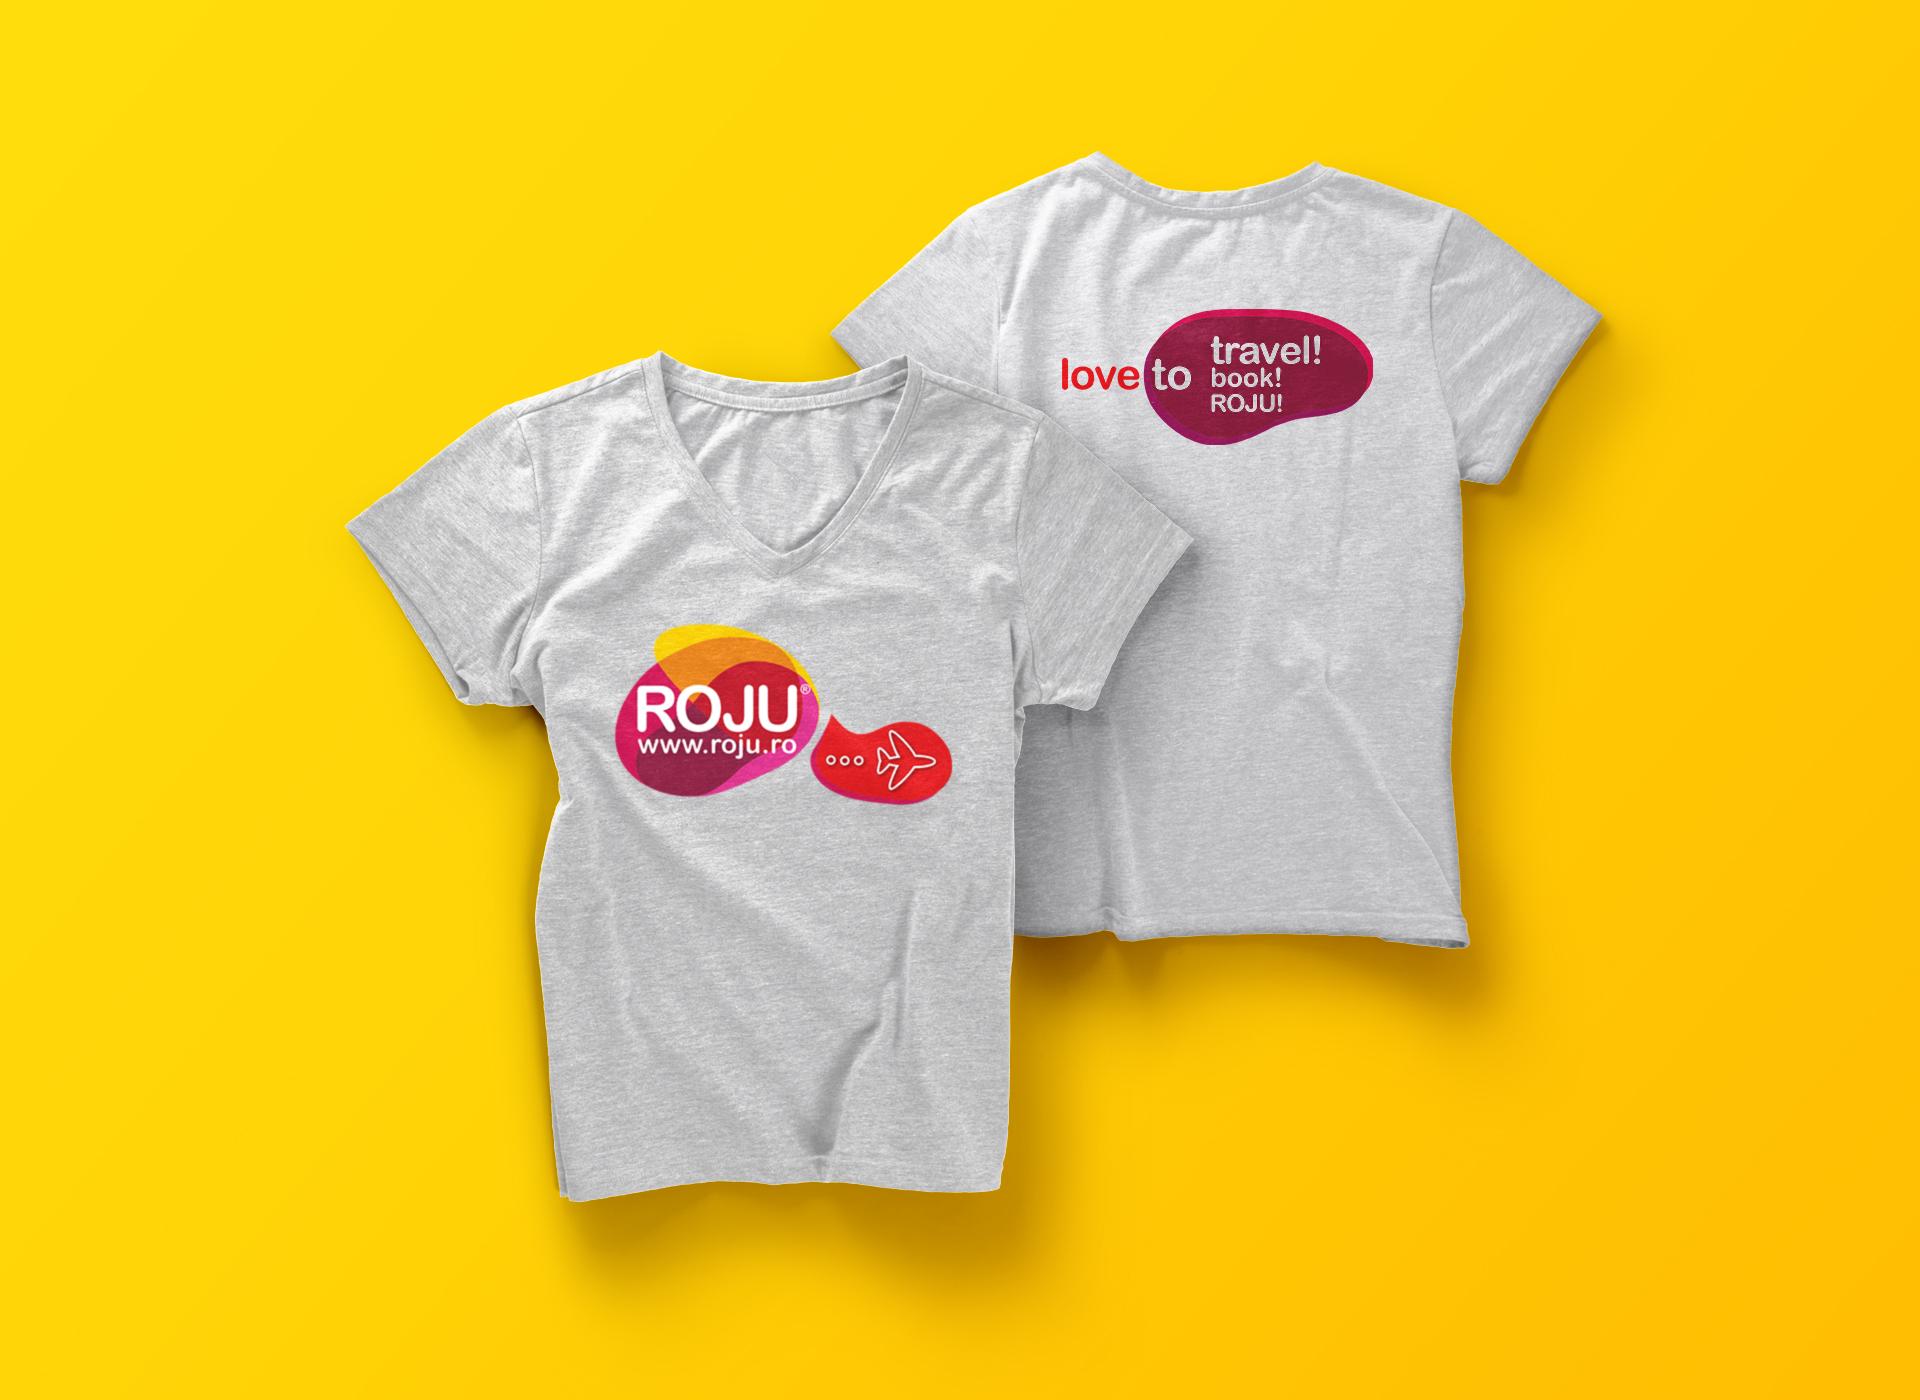 roju portfolio inoveo t-shirt